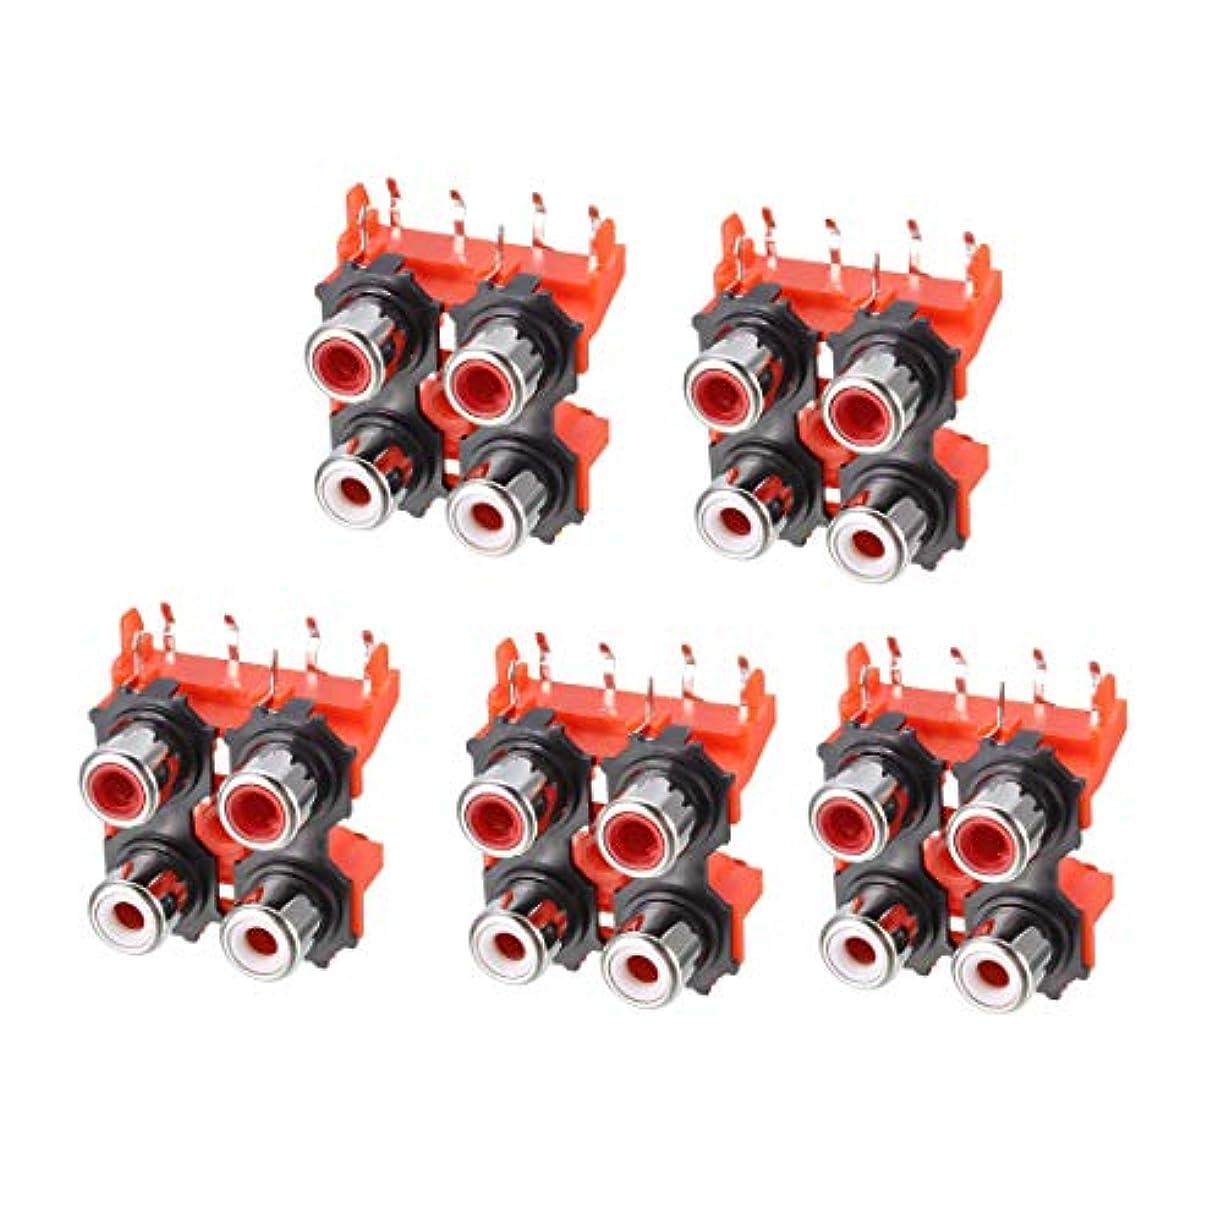 粘り強いくしゃみ概要uxcell PCBパネルコネクタ 6 RCAソケット メスジャッキ オーディオビデオ用 AV用 レッド 6ピン 5個入